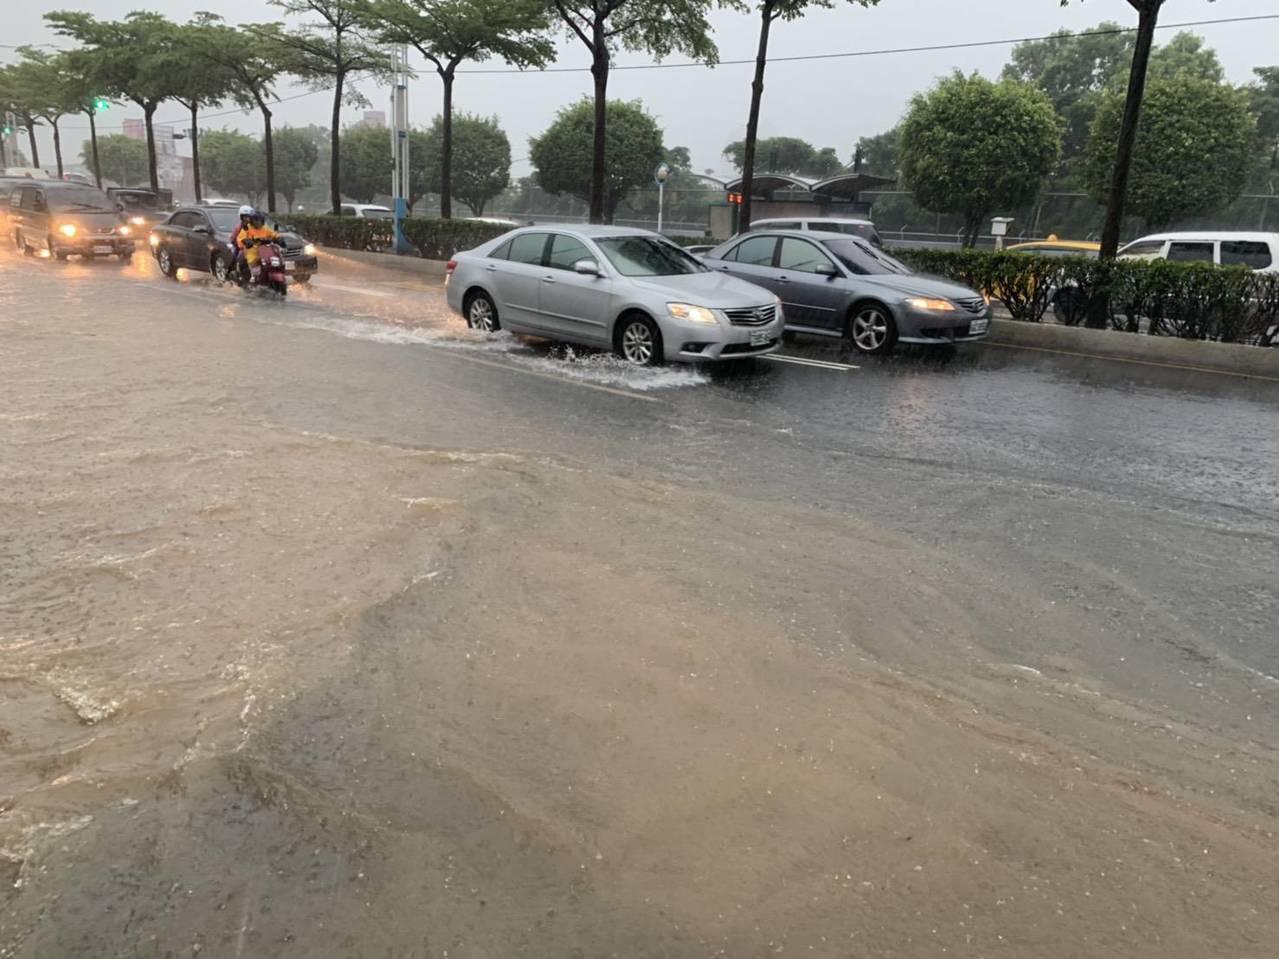 淡水地區不少路段積水嚴重,警方已加強管制疏導交通。記者林昭彰/翻攝